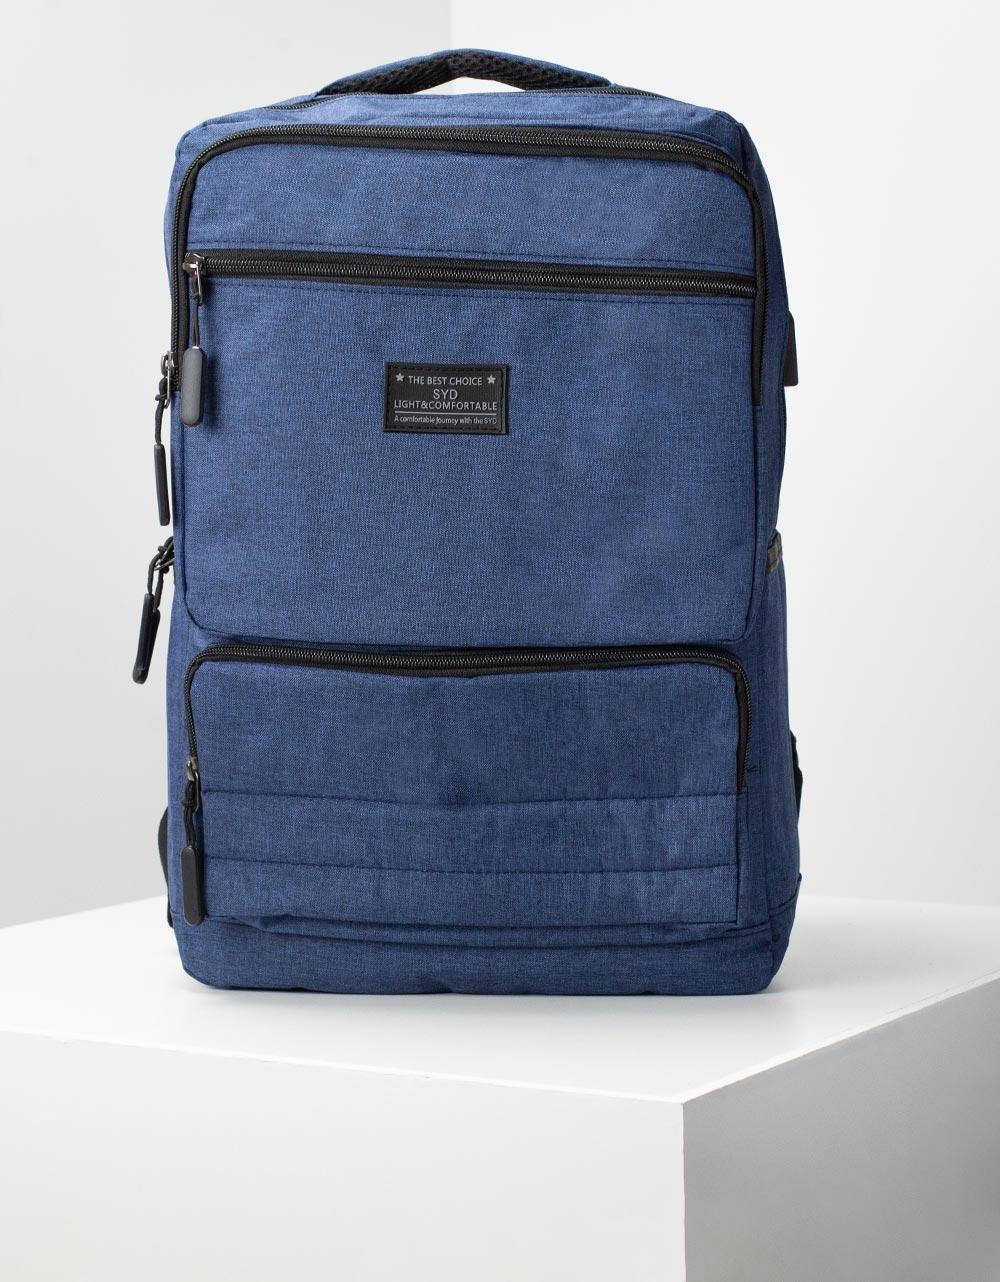 Εικόνα από Ανδρικά σακίδια πλάτης με φερμουάρ Μπλε